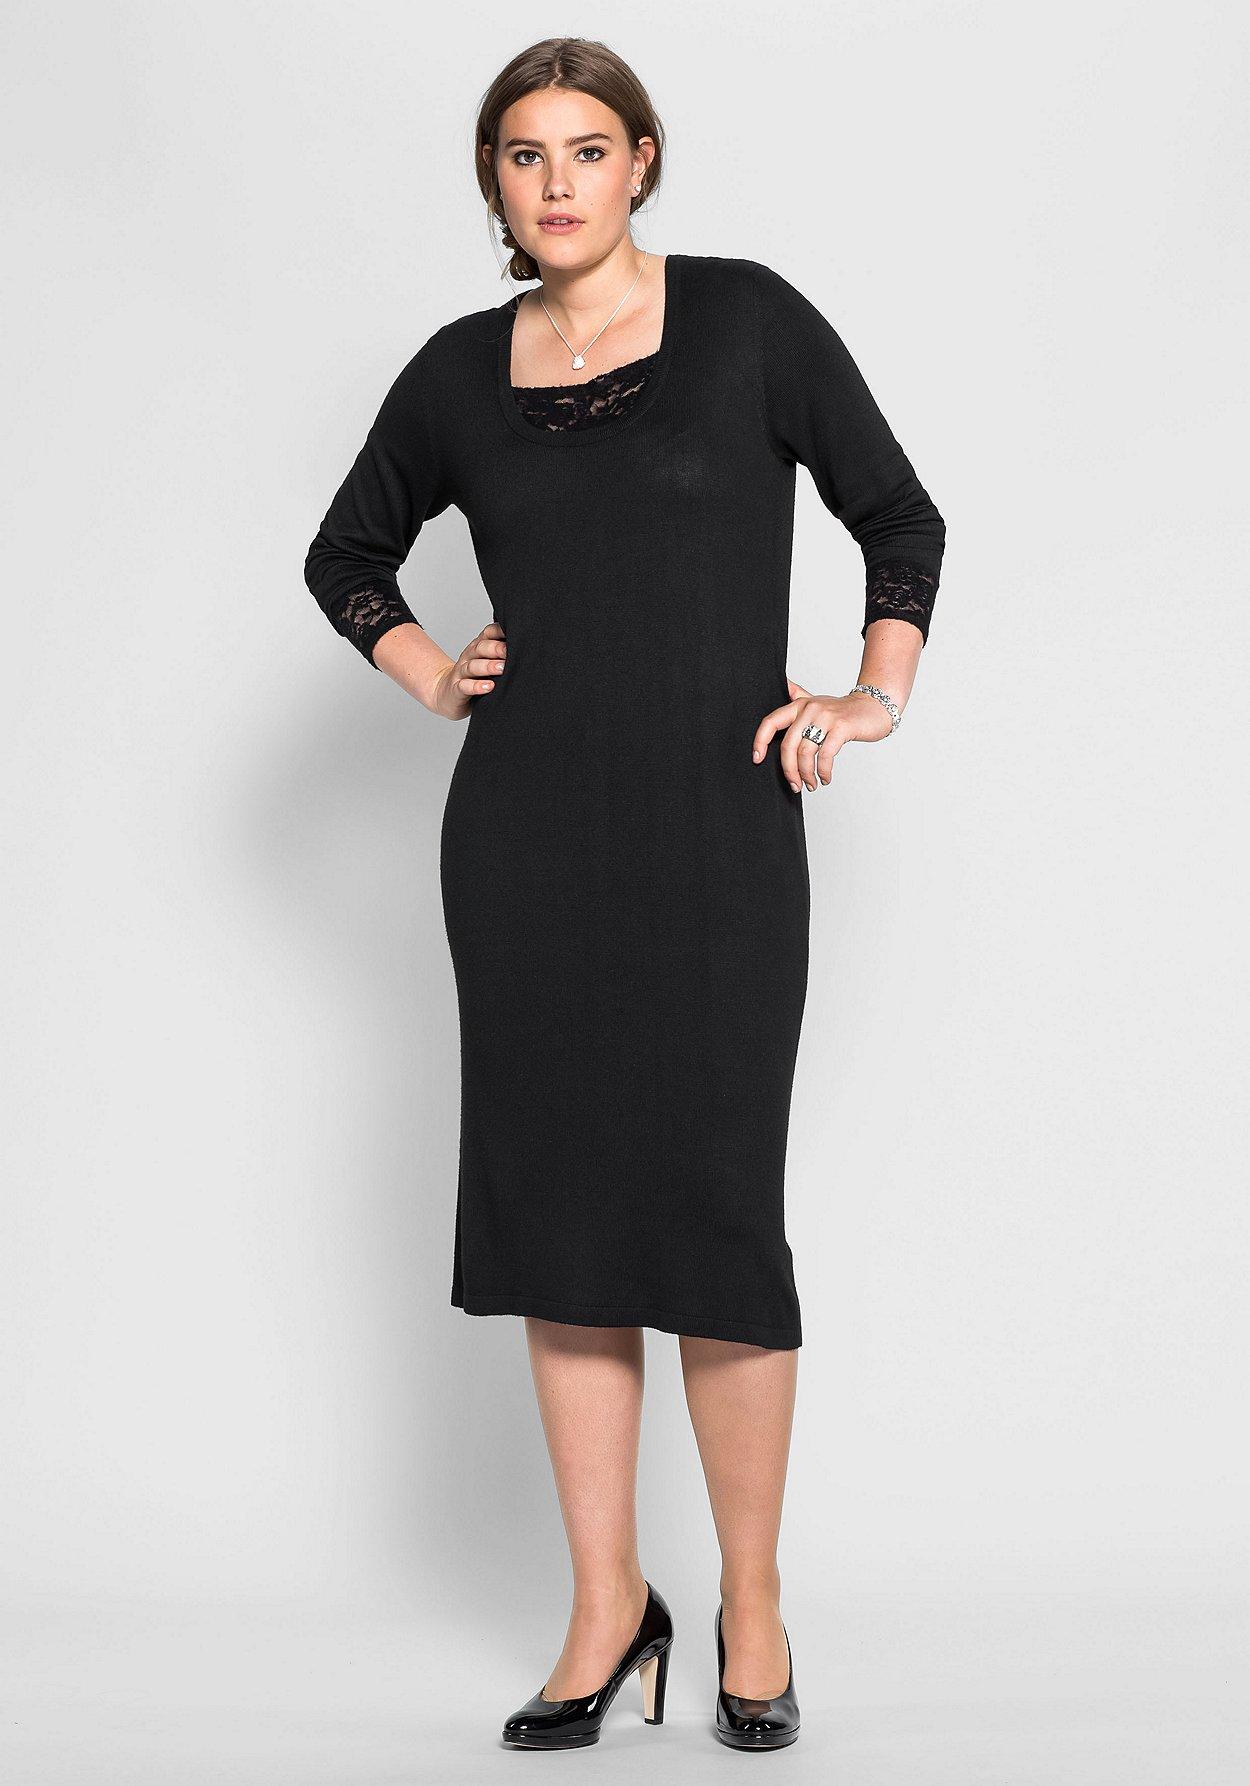 Sheego Damen Strickkleid Spitze Kleid Dress Black Schwarz Abend Strick NEU